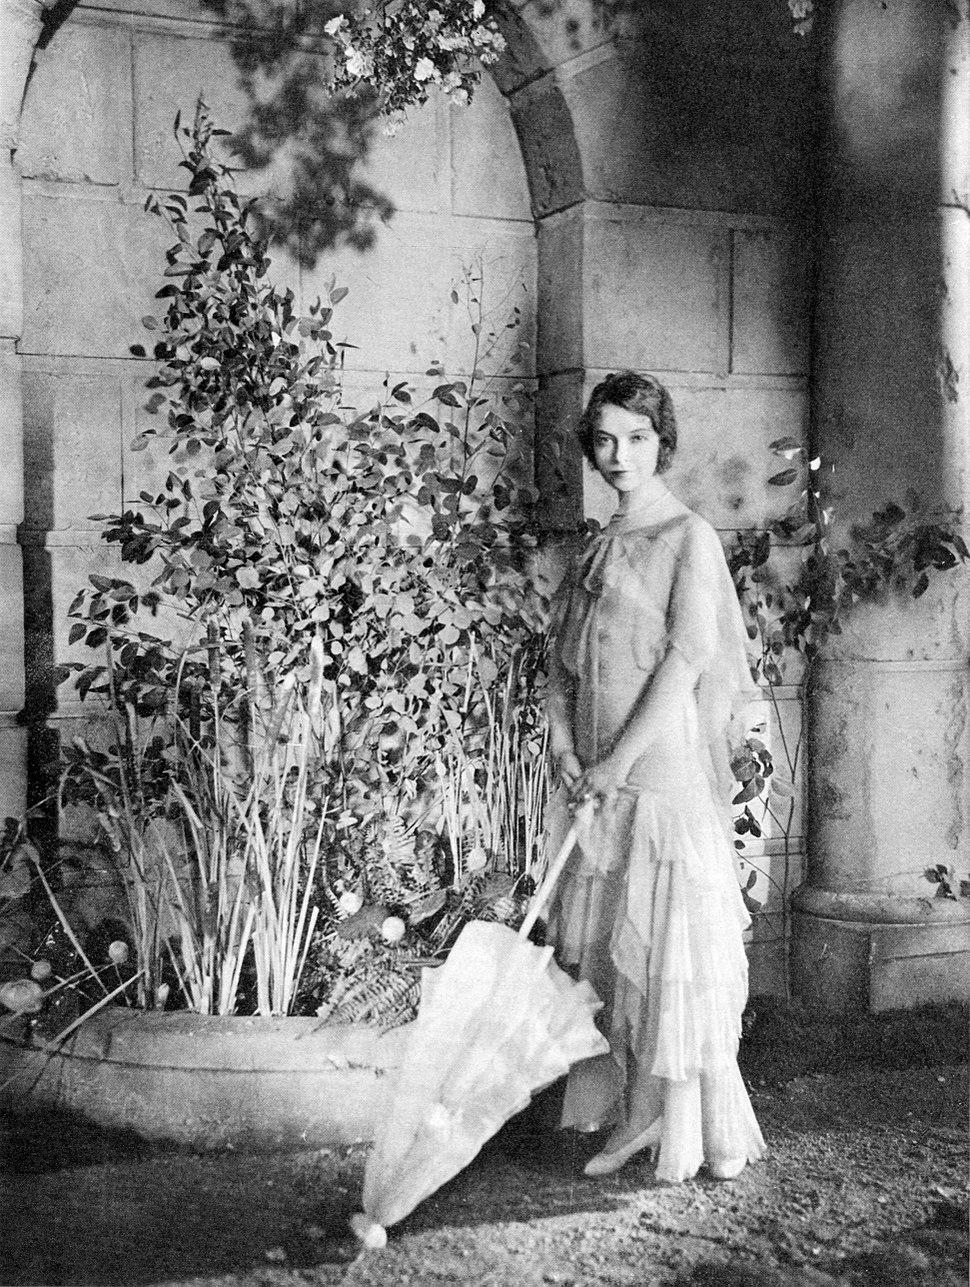 Lillian-Gish-Uncle-Vanya-1930